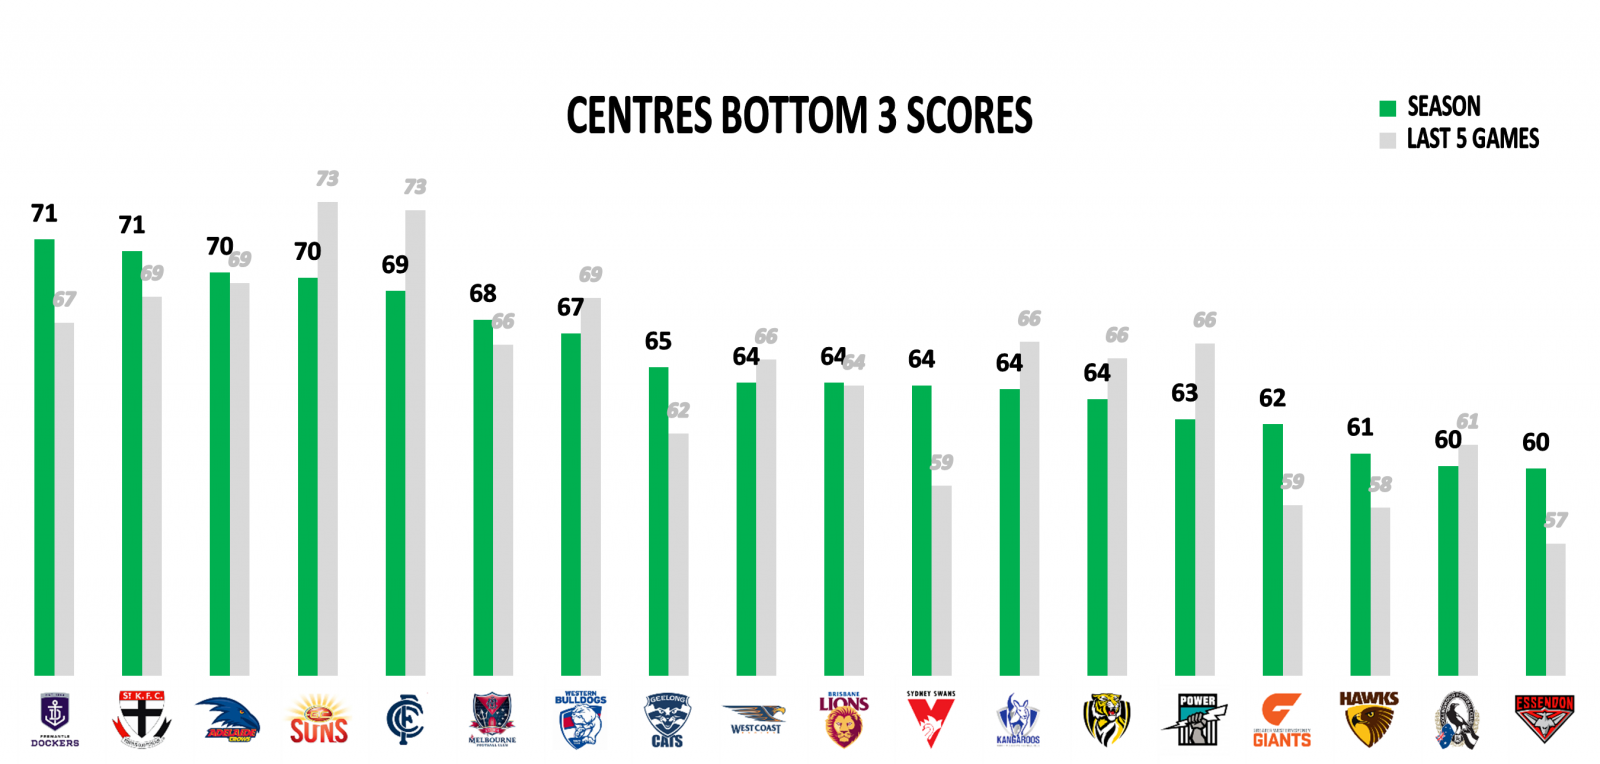 AFL Stats Bottom 3 Centres